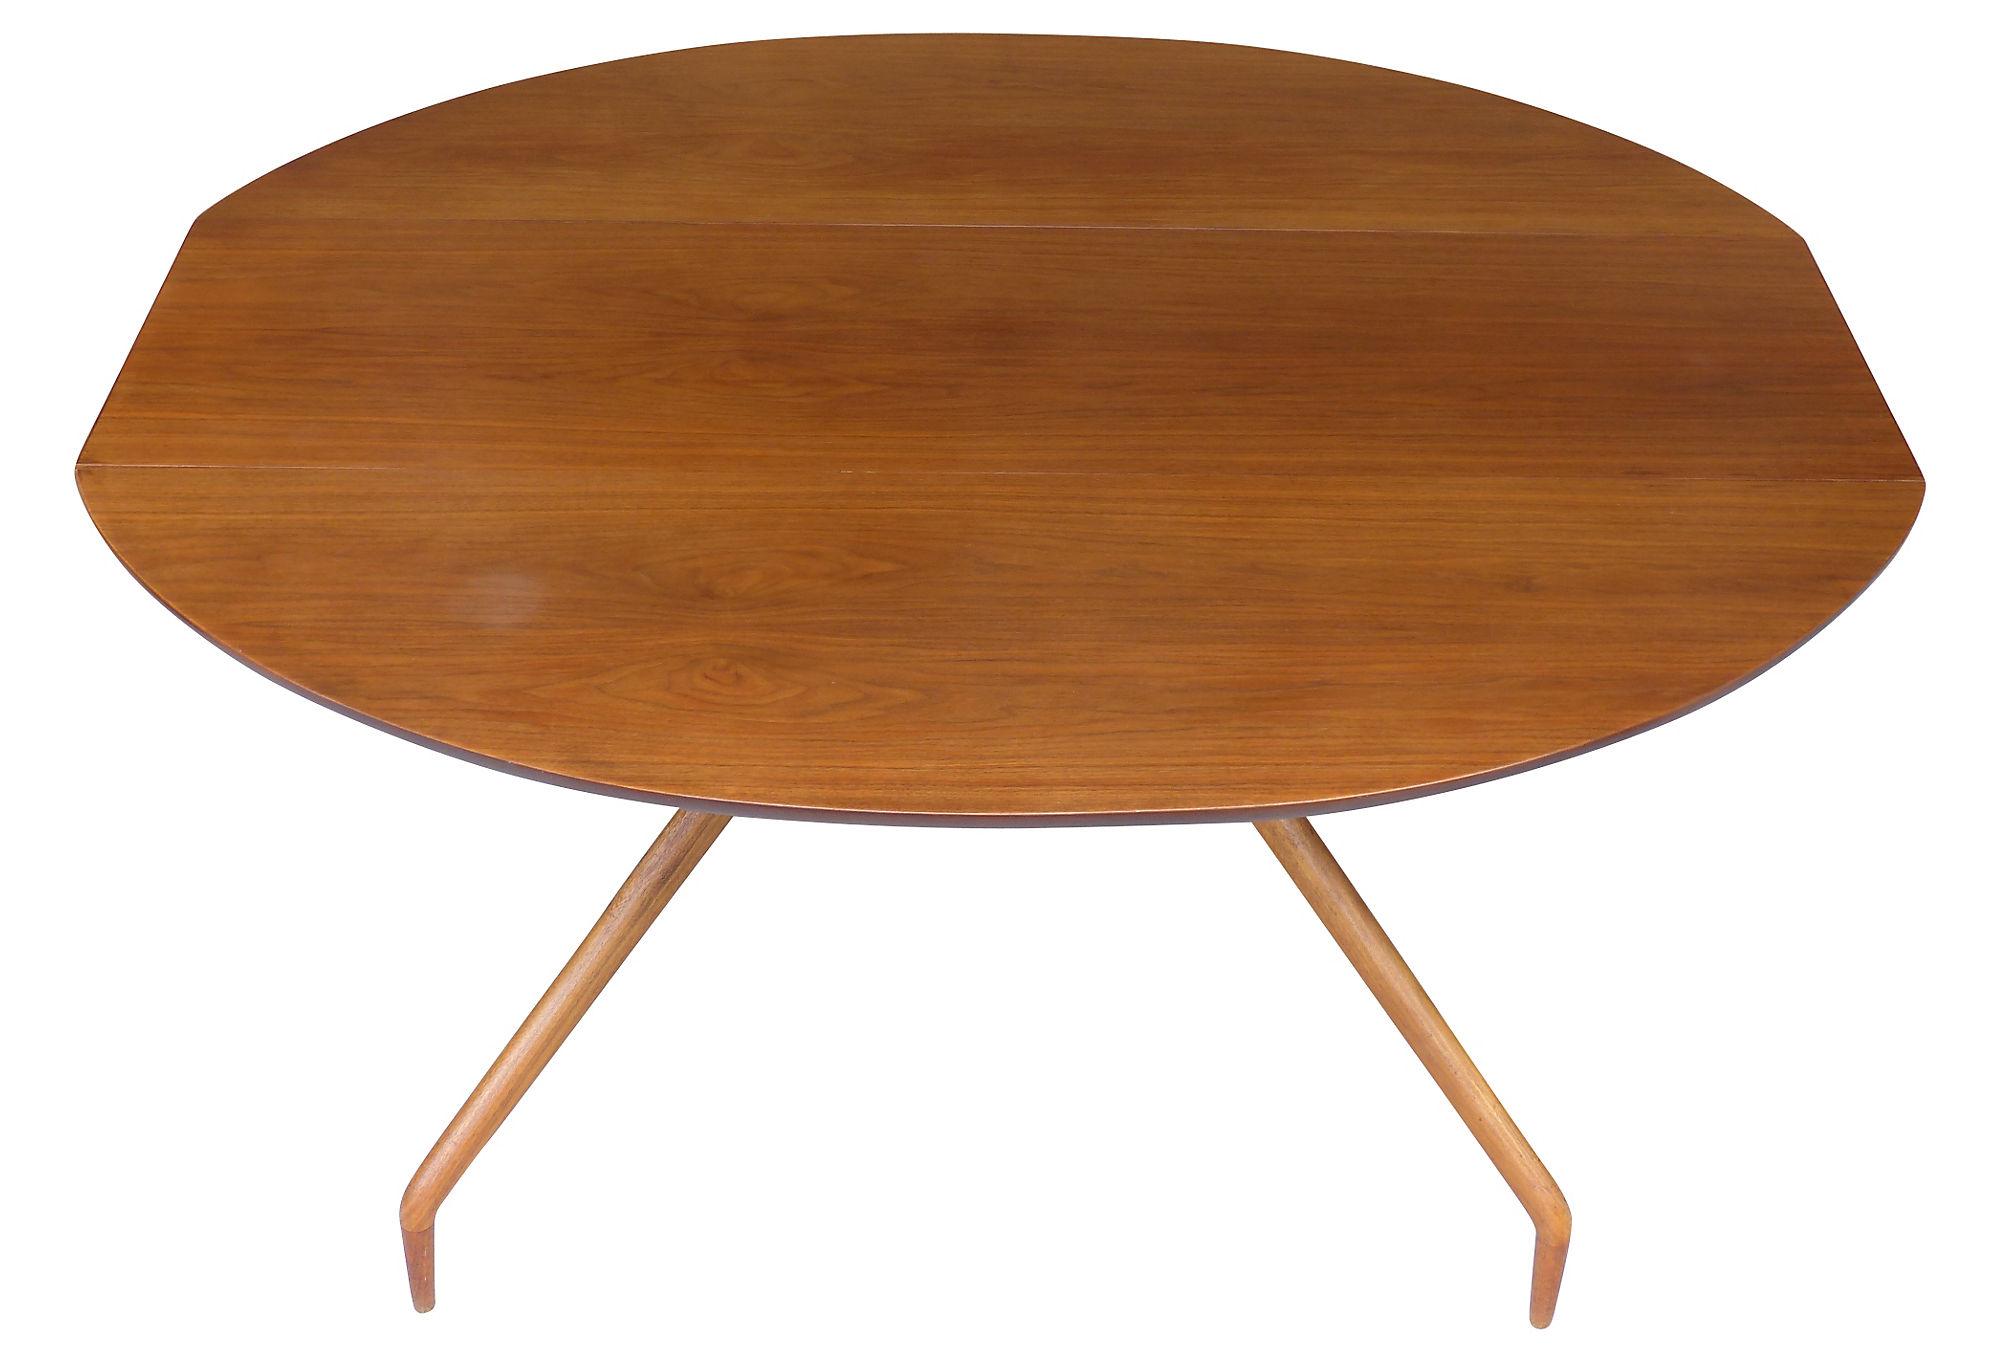 Greta Grossman Walnut Drop leaf Table For Glenn Ca